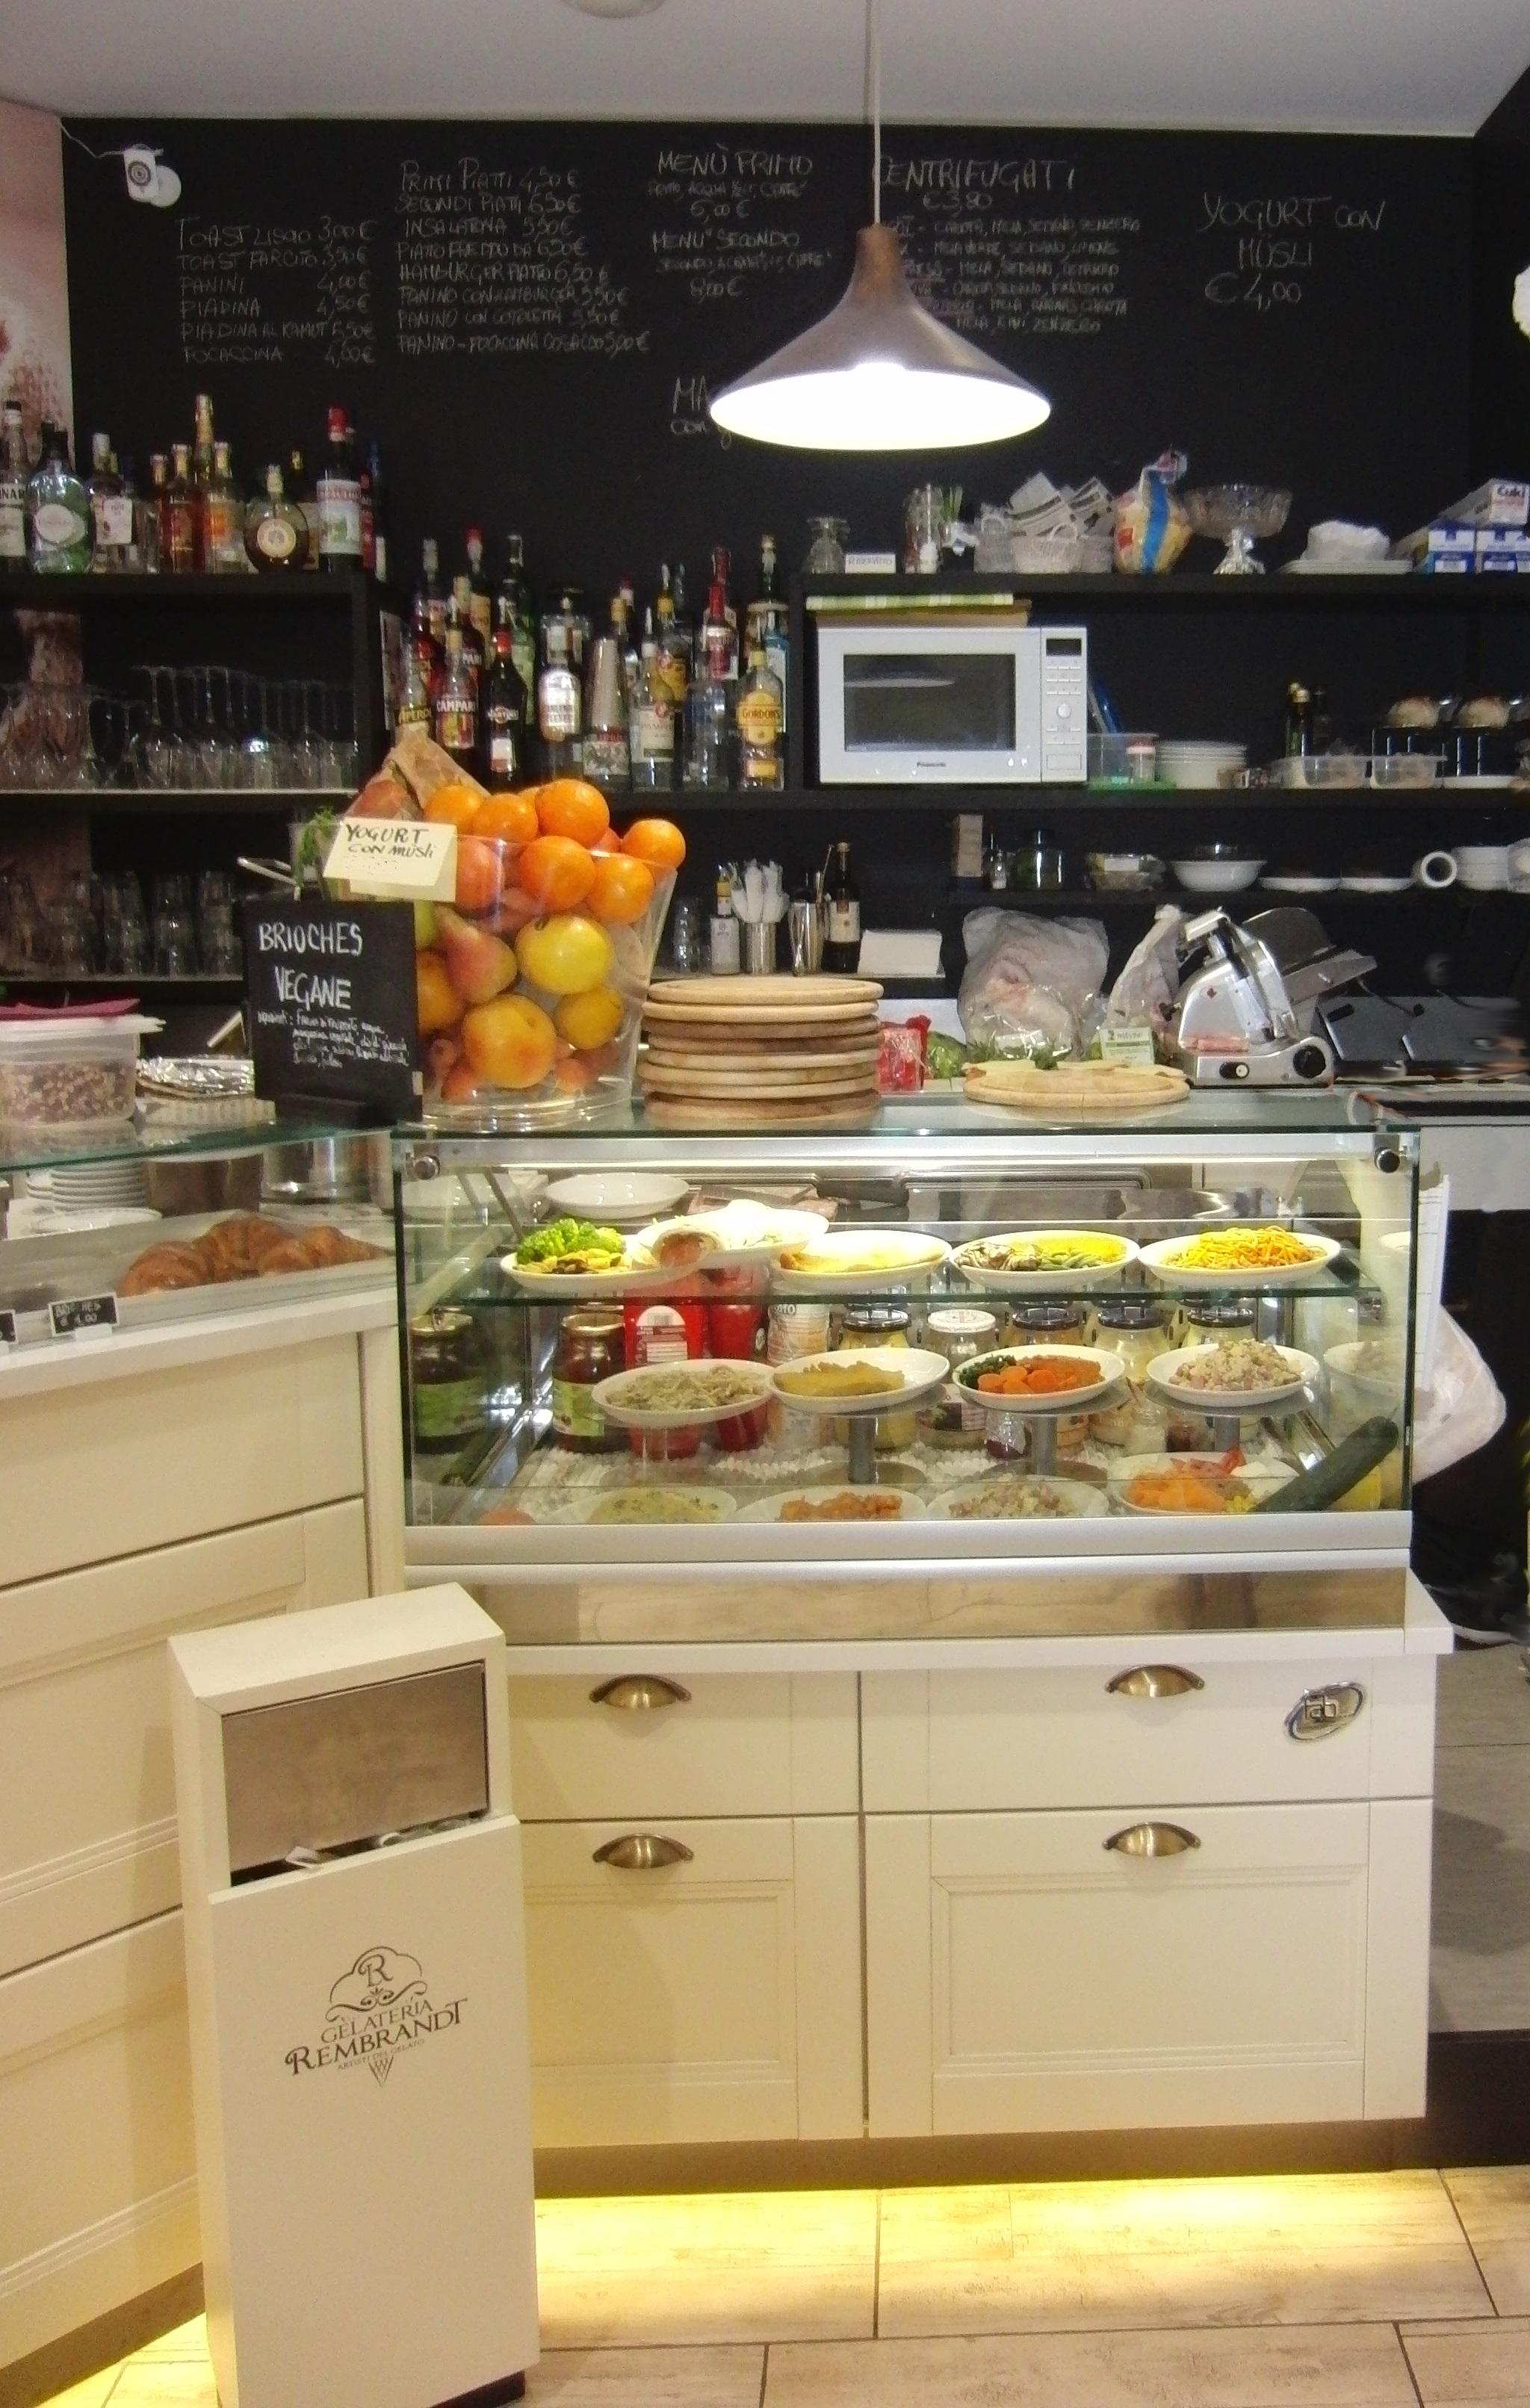 Foto scattata all'angolo tavola fredda presso la Gelateria Caffetteria Rembrandt a Milano